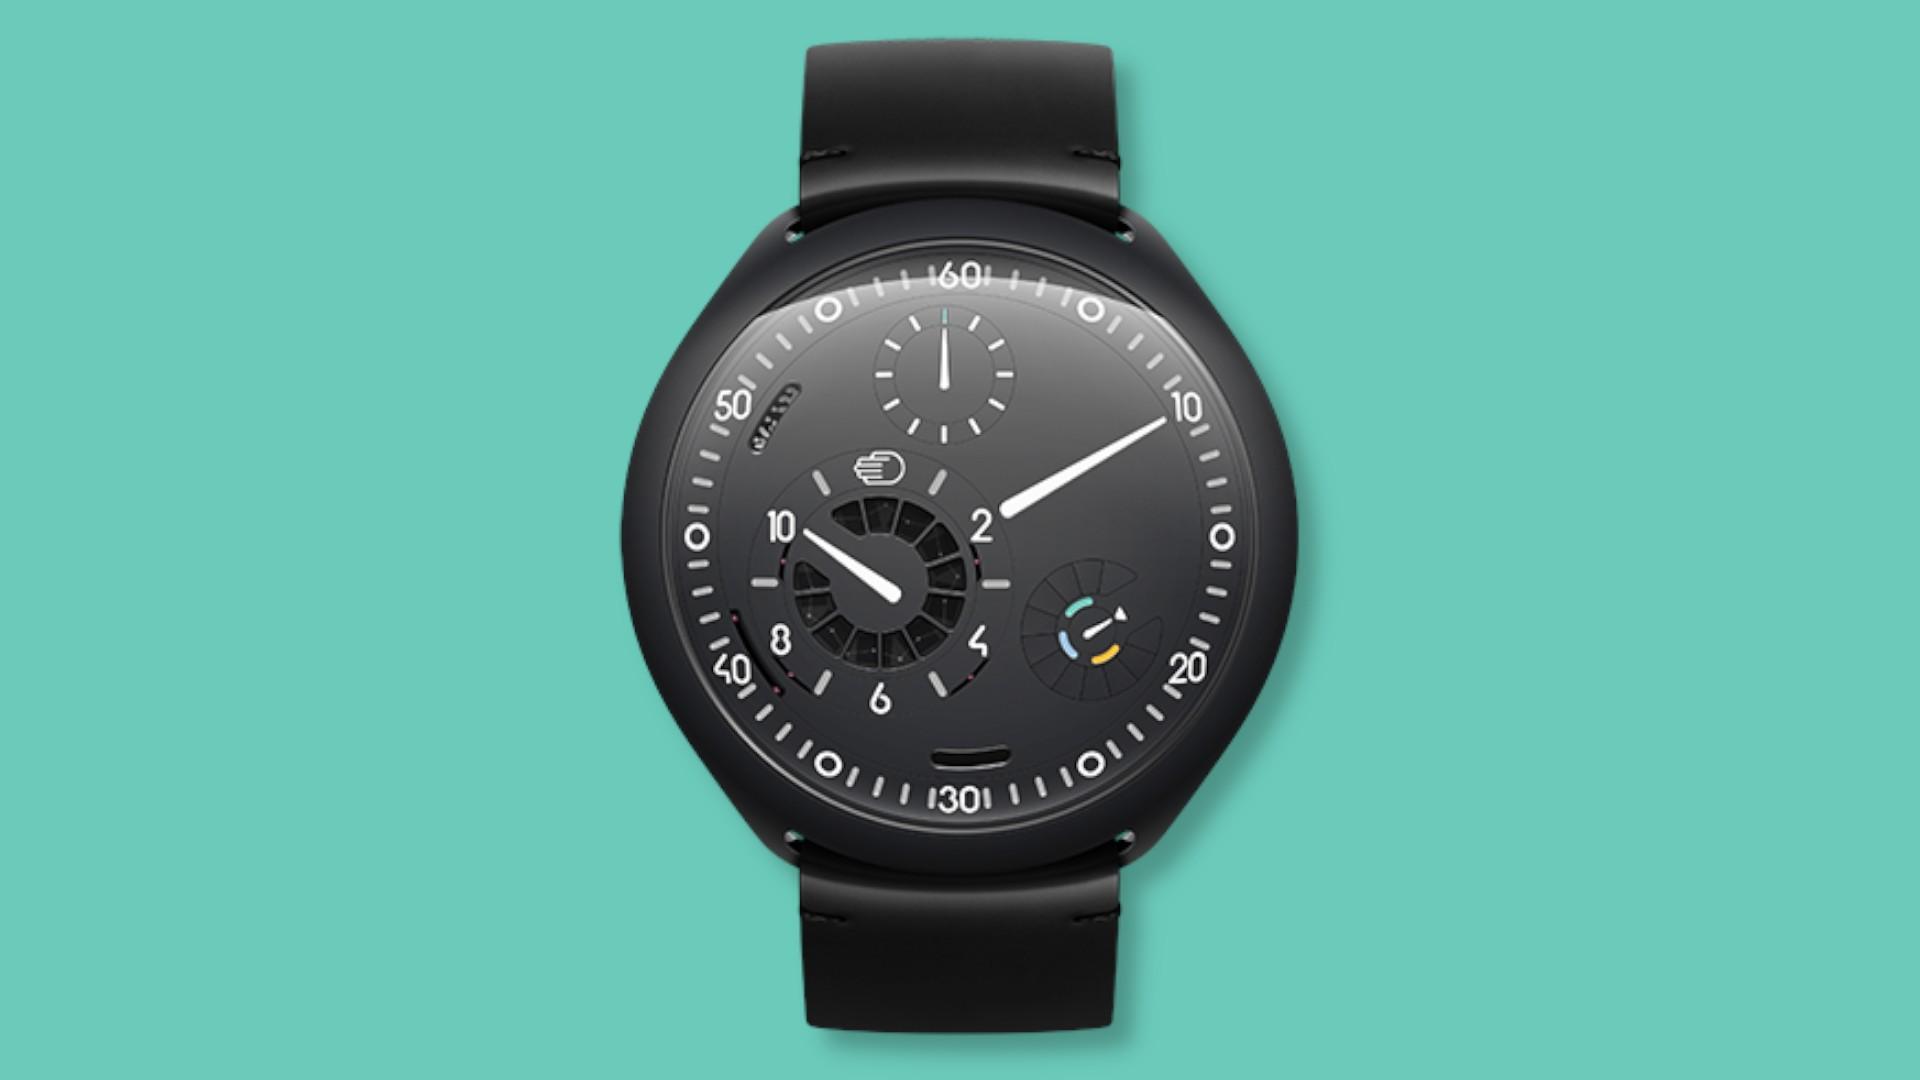 Часы Ressence Type 2 с солнечной батареей оценены в 48 тысяч долларов